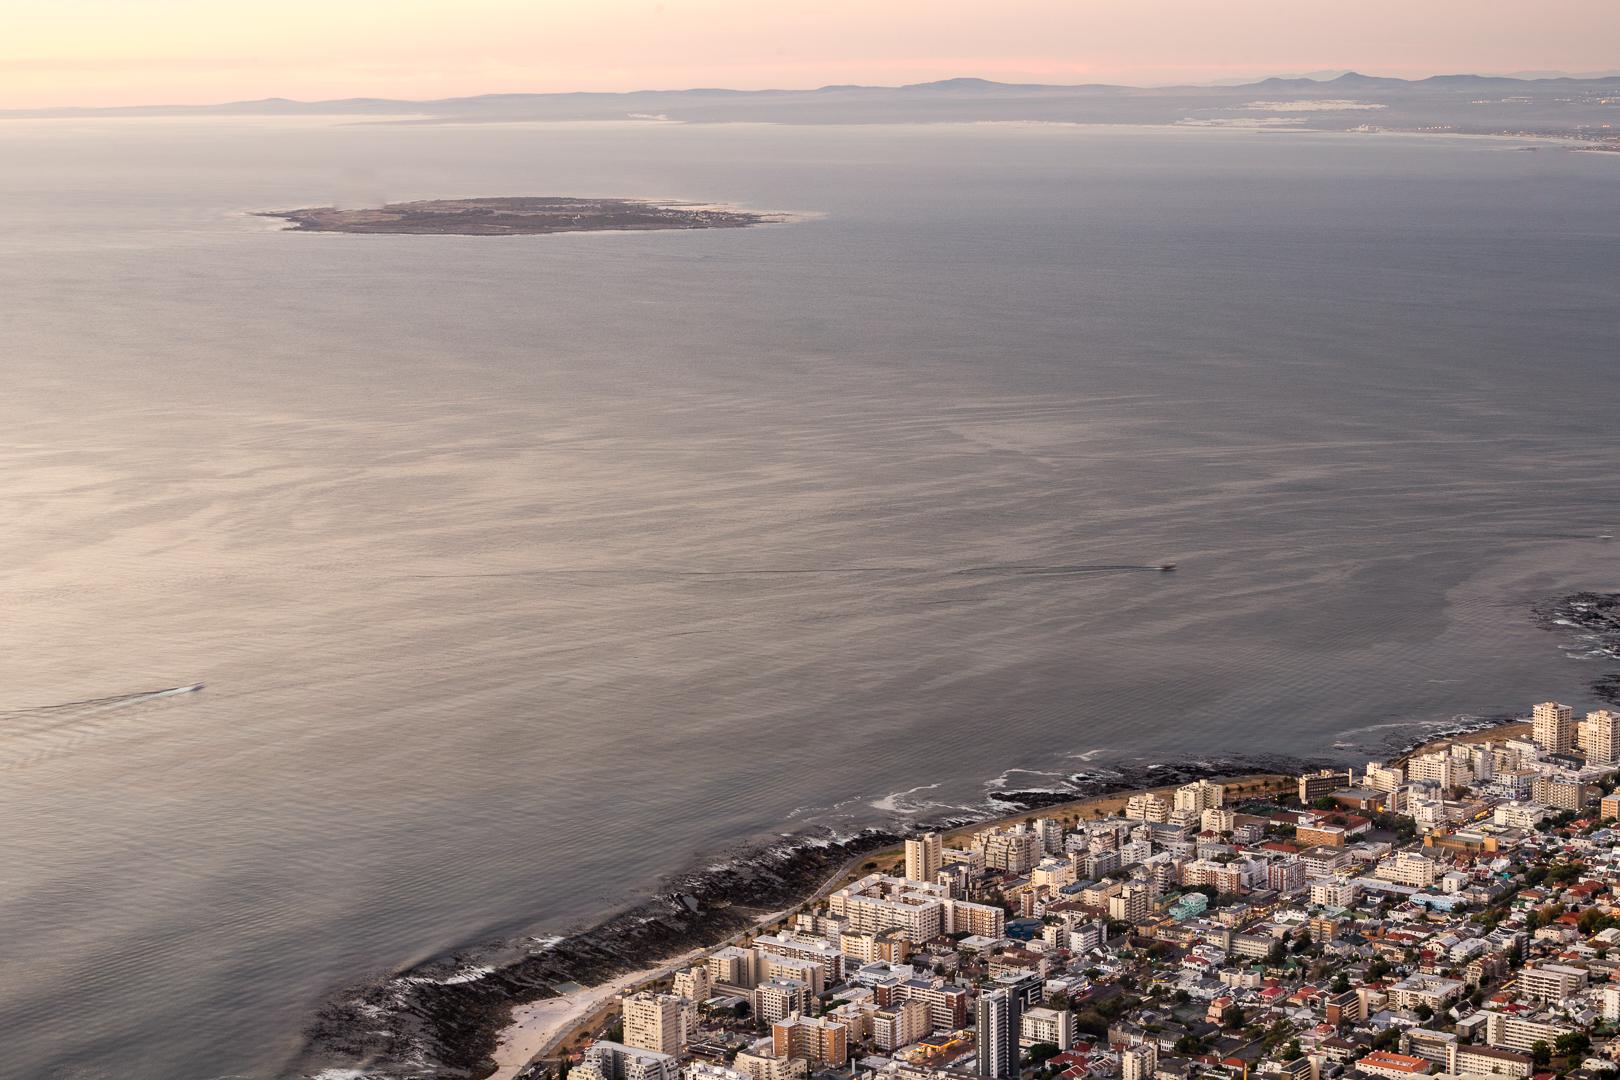 CAPE PENINSULA AND CAPE TOWN - Tutto il fascino della punta sud-occidentale del continente africano